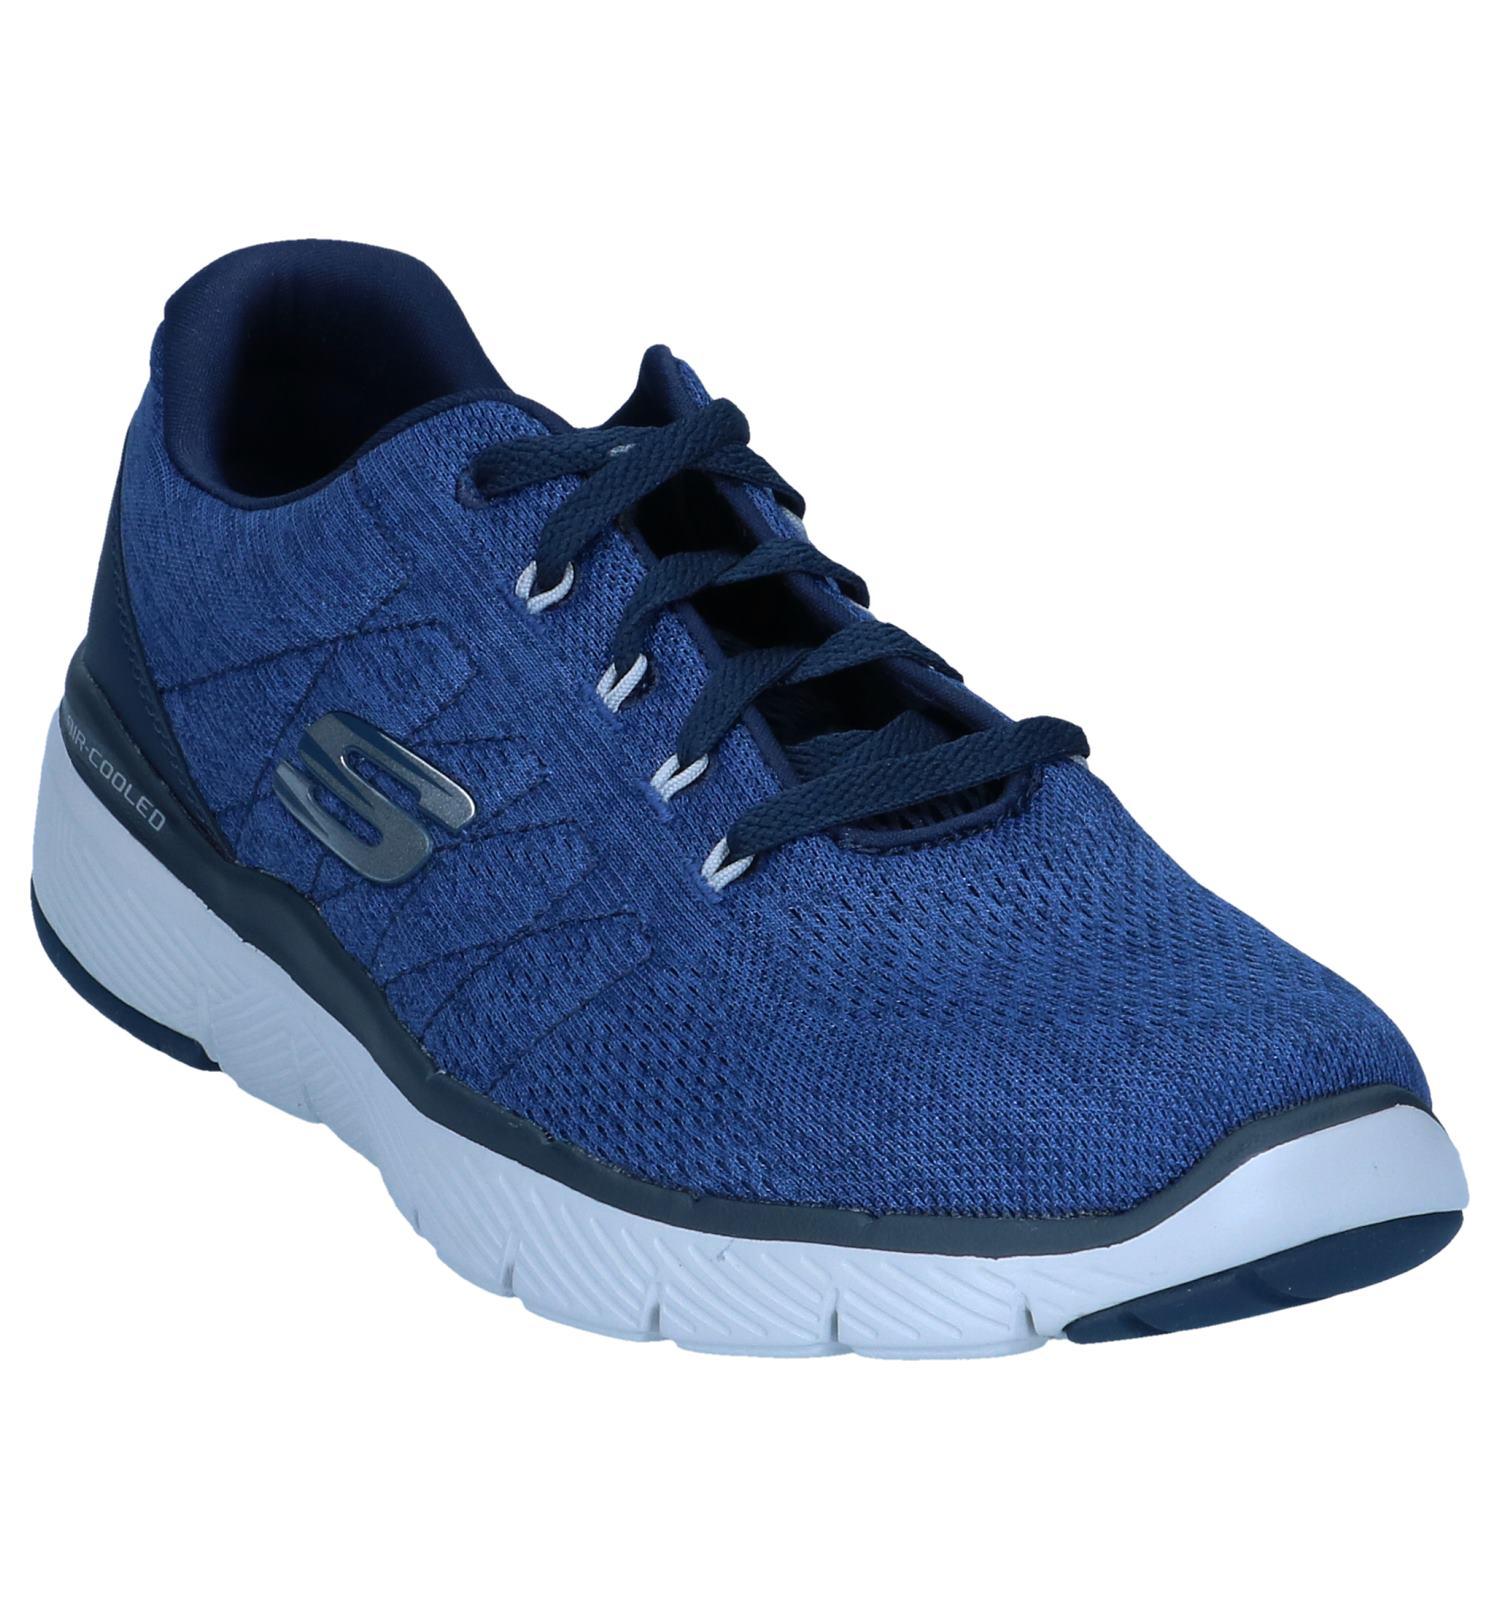 Lite Jeansblauwe Sneakers Lite Sneakers Jeansblauwe Jeansblauwe Sneakers Skechers Lite weight Skechers weight Skechers jqS5LRA4c3